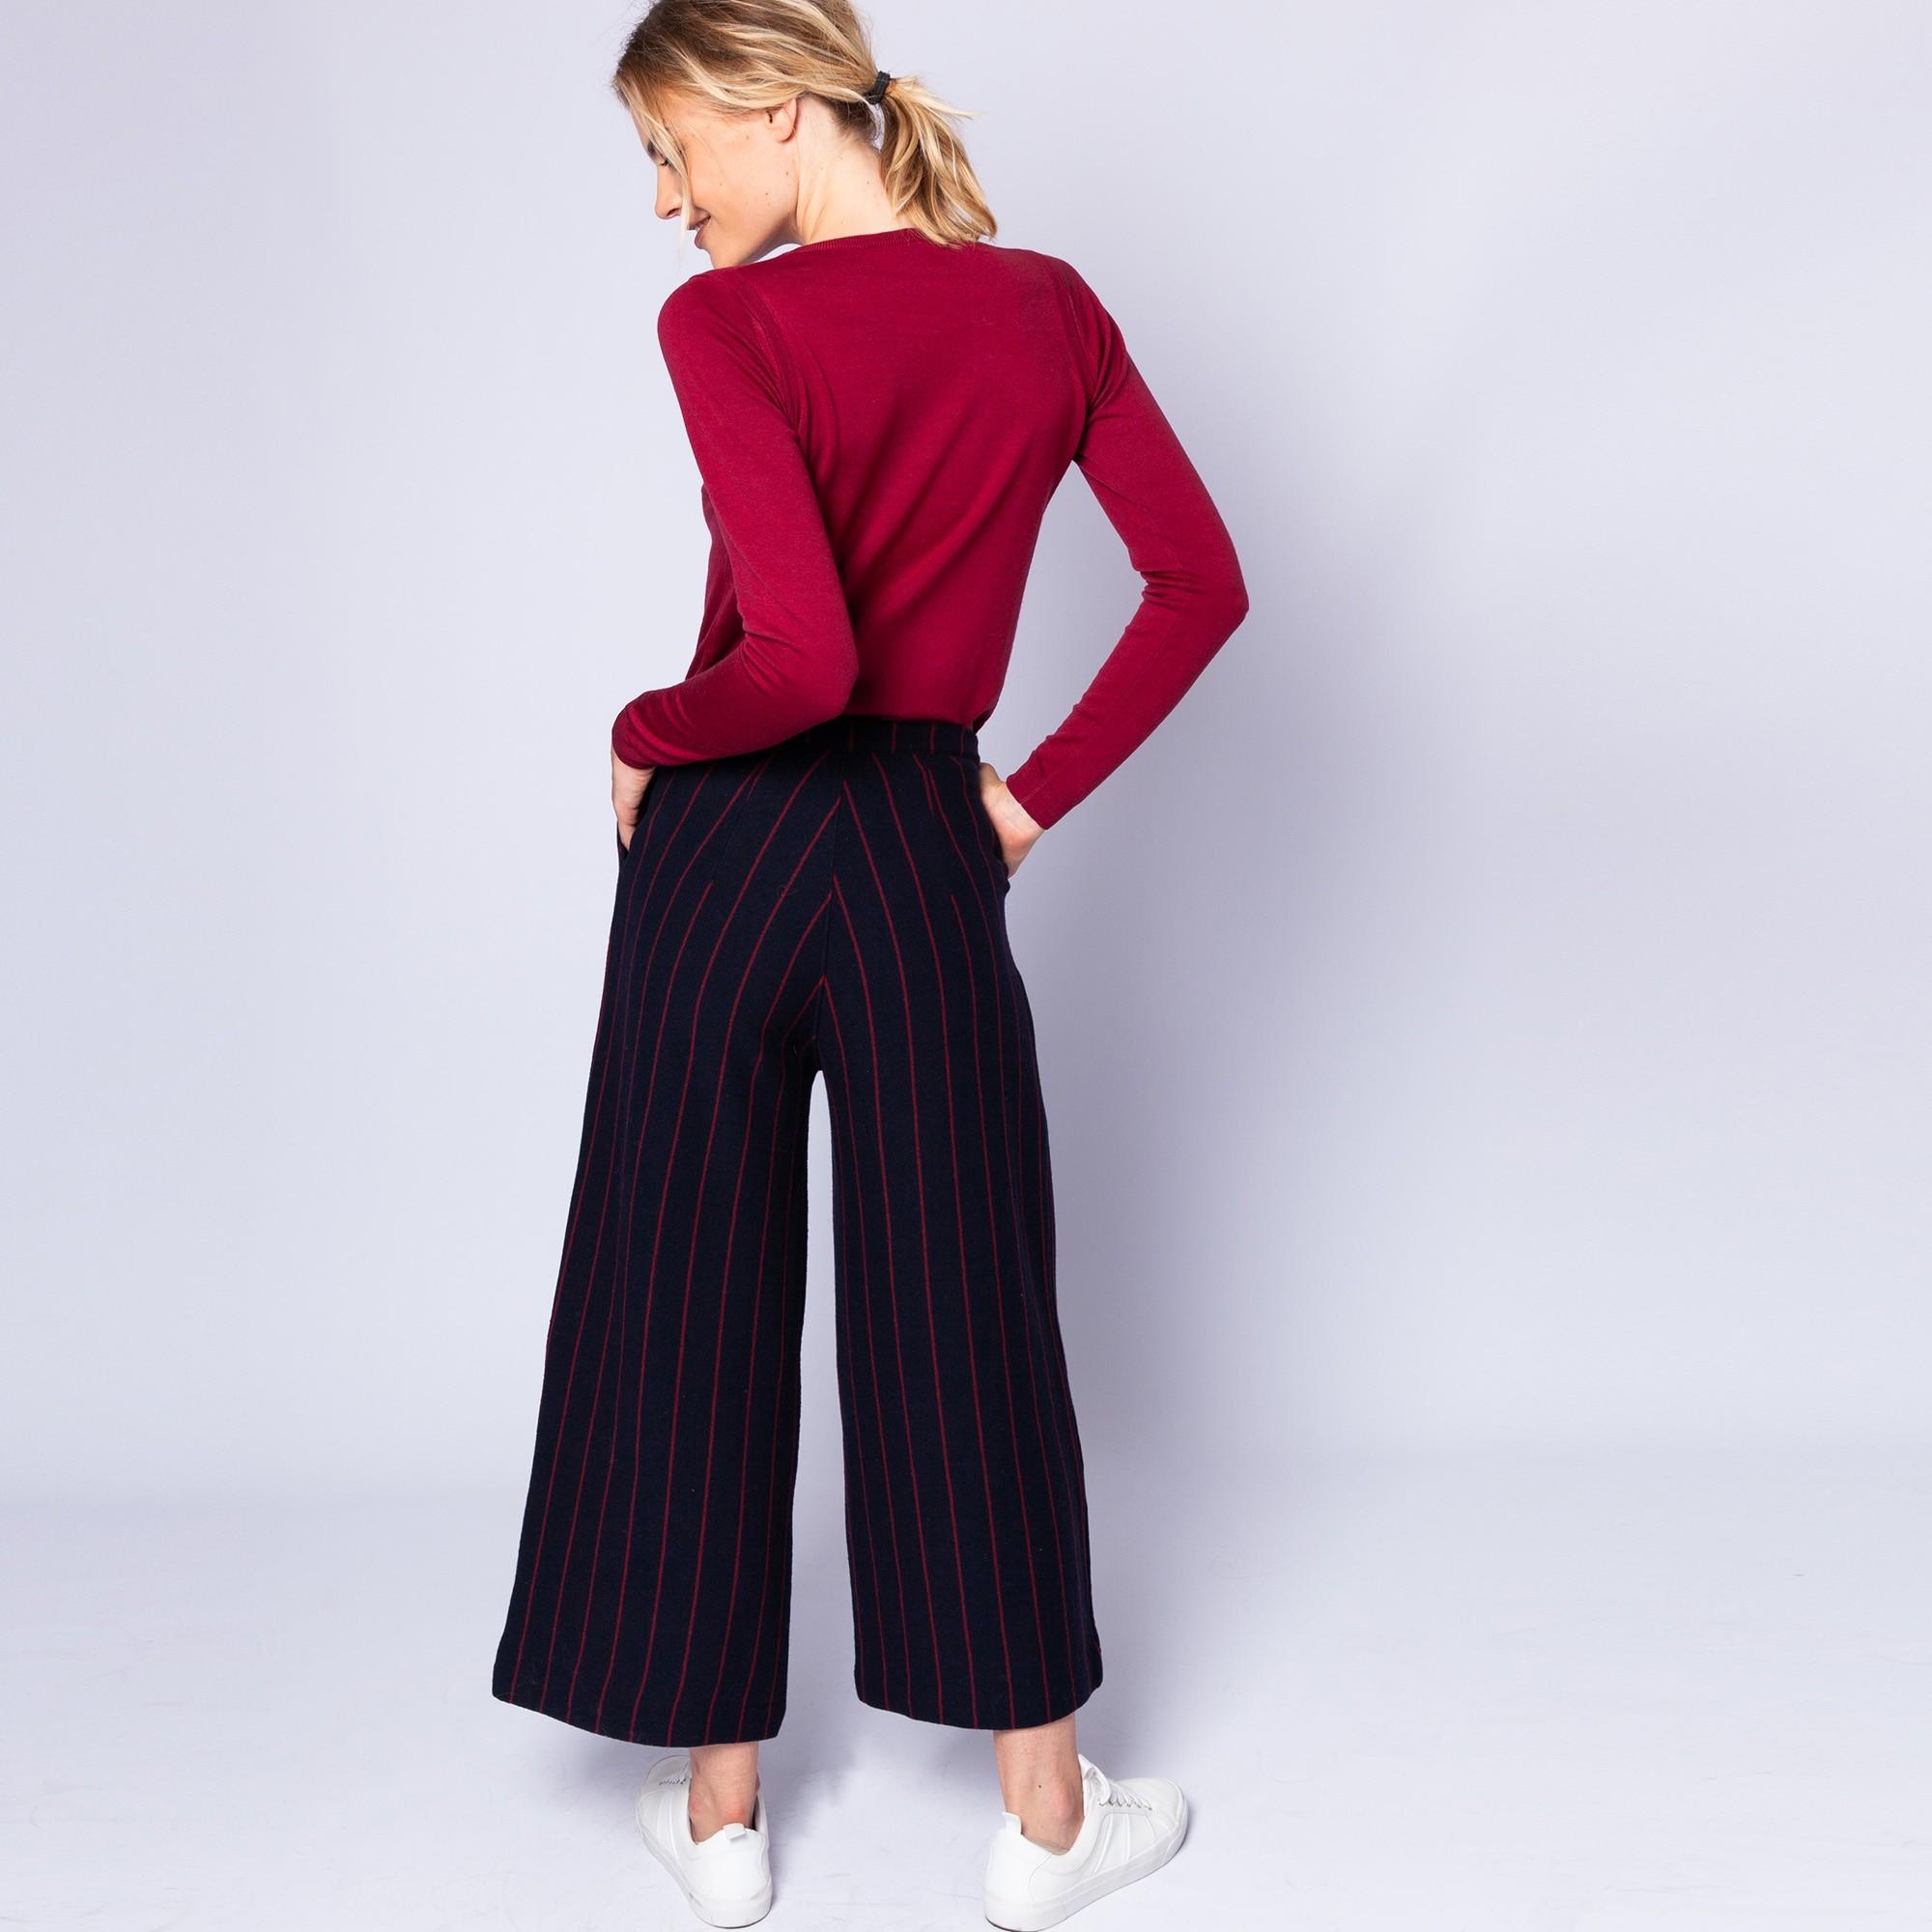 Pantalon rayures tennis en laine et coton - Etienne 962356cd429